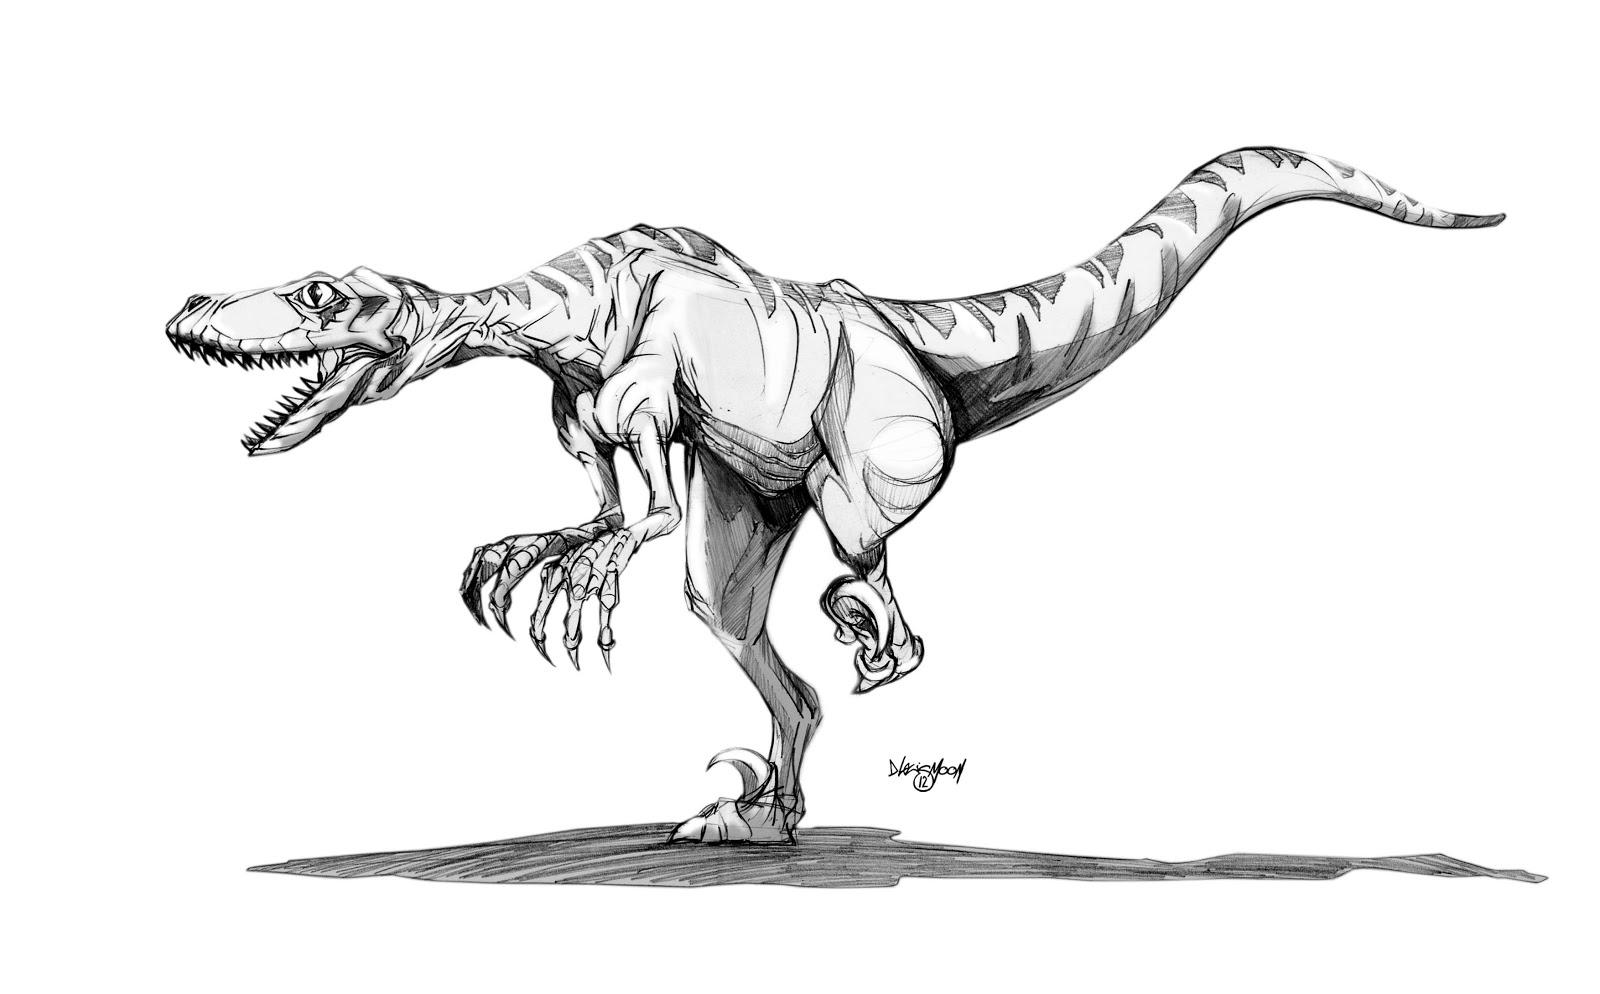 David Moon Illustration & Design: Jurassic D.